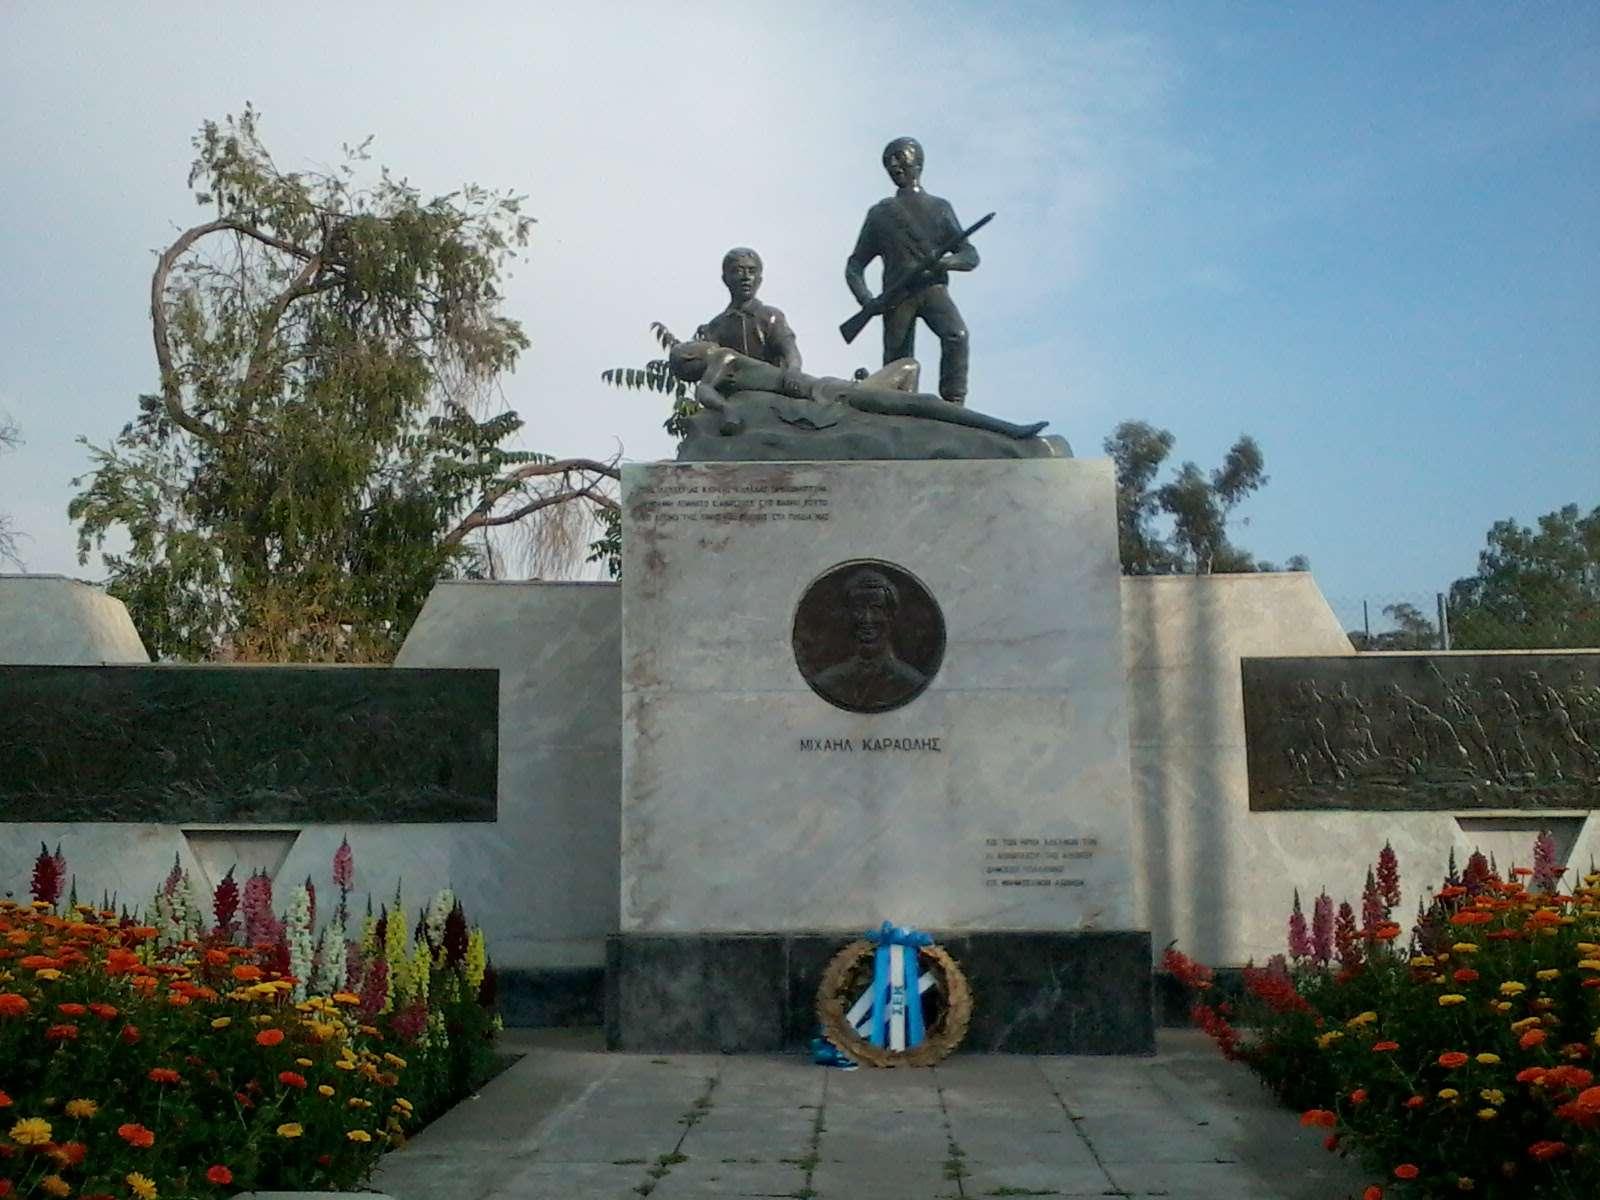 Ο Μιχαλάκης Καραολής (13 Φεβρουαρίου 1933 - 10 Μαΐου 1956) ήταν αγωνιστής της Ε.Ο.Κ.Α. και ήρωας της Κύπρου. Για τη δράση του συνελήφθη από τις βρετανικές δυνάμεις και εκτελέστηκε δια απαγχονισμού.